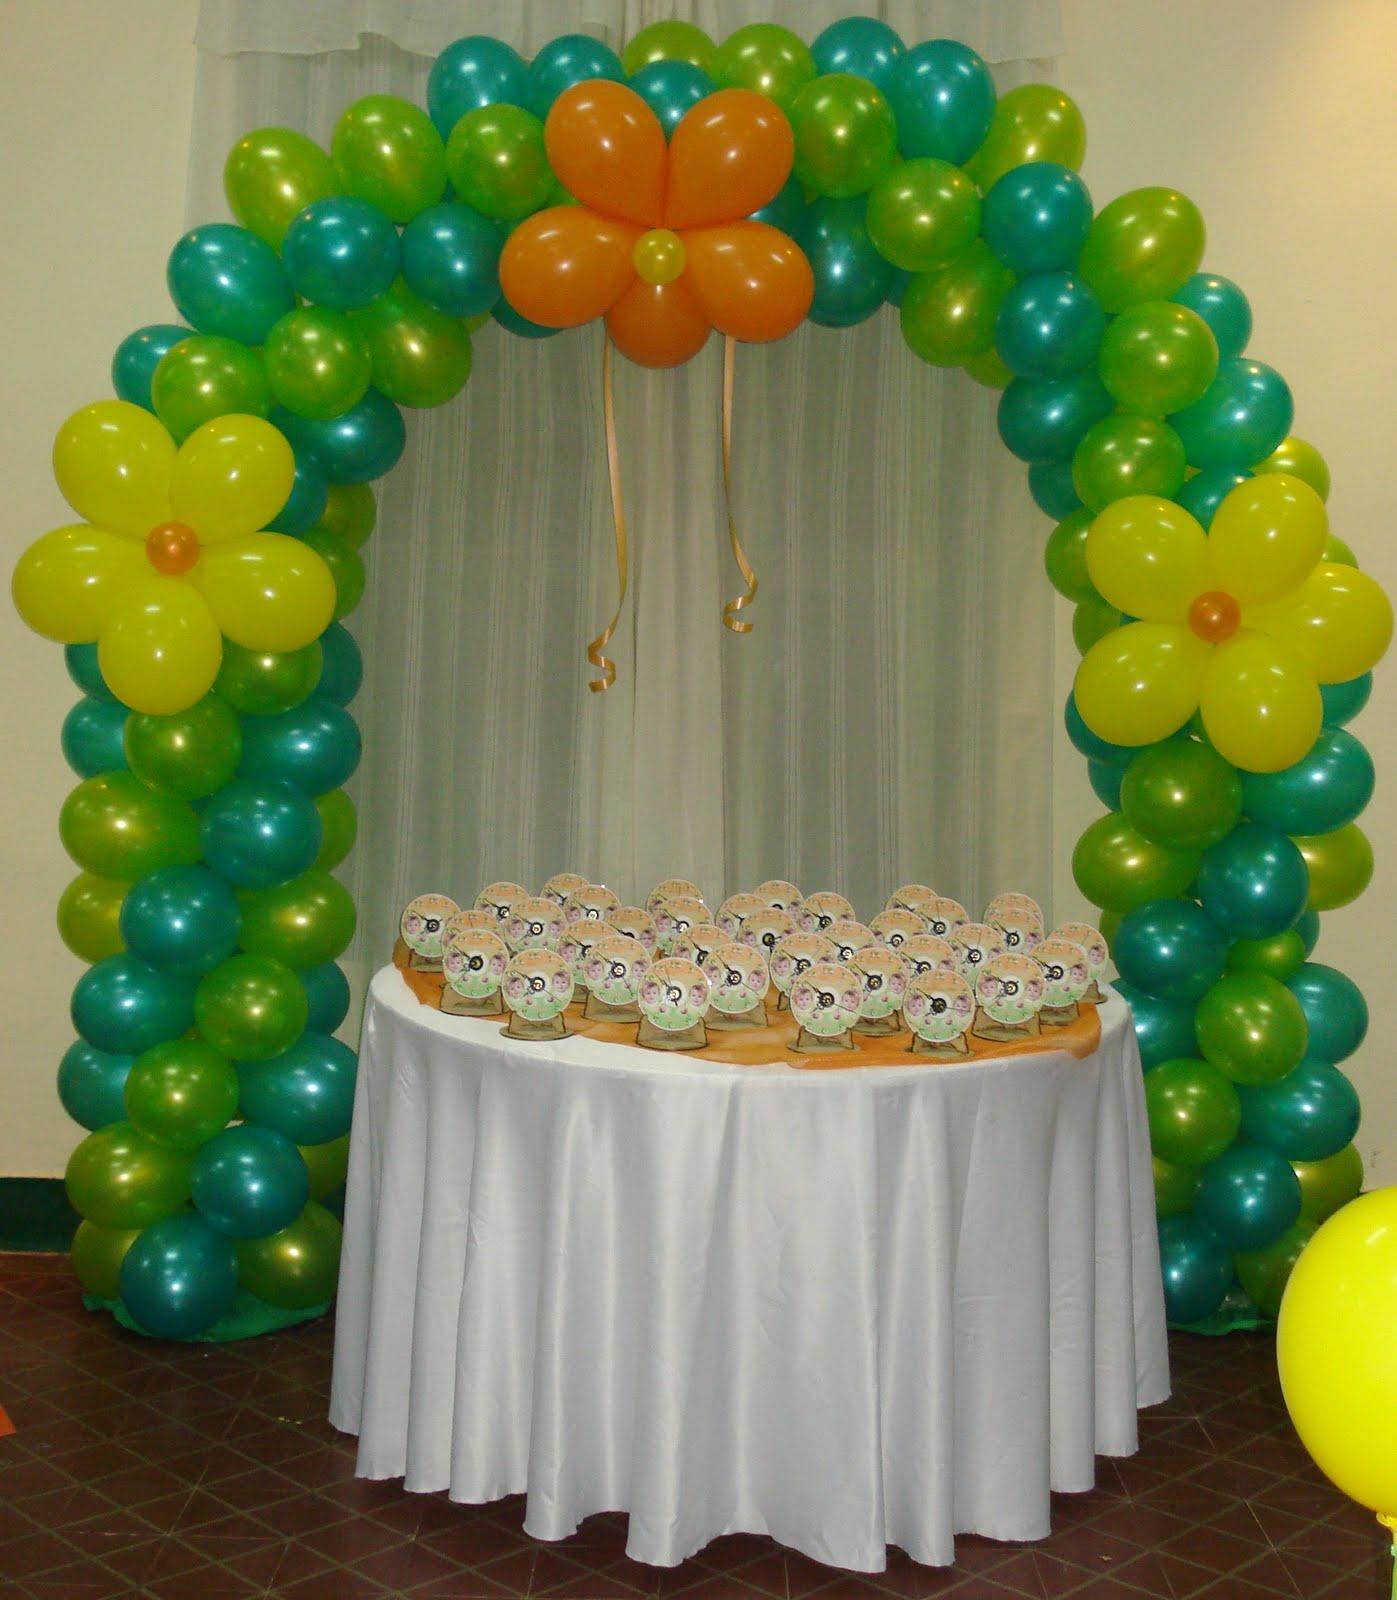 Decoraciones geny se hace toda clase de decoraciones en - Decoracion de globos ...